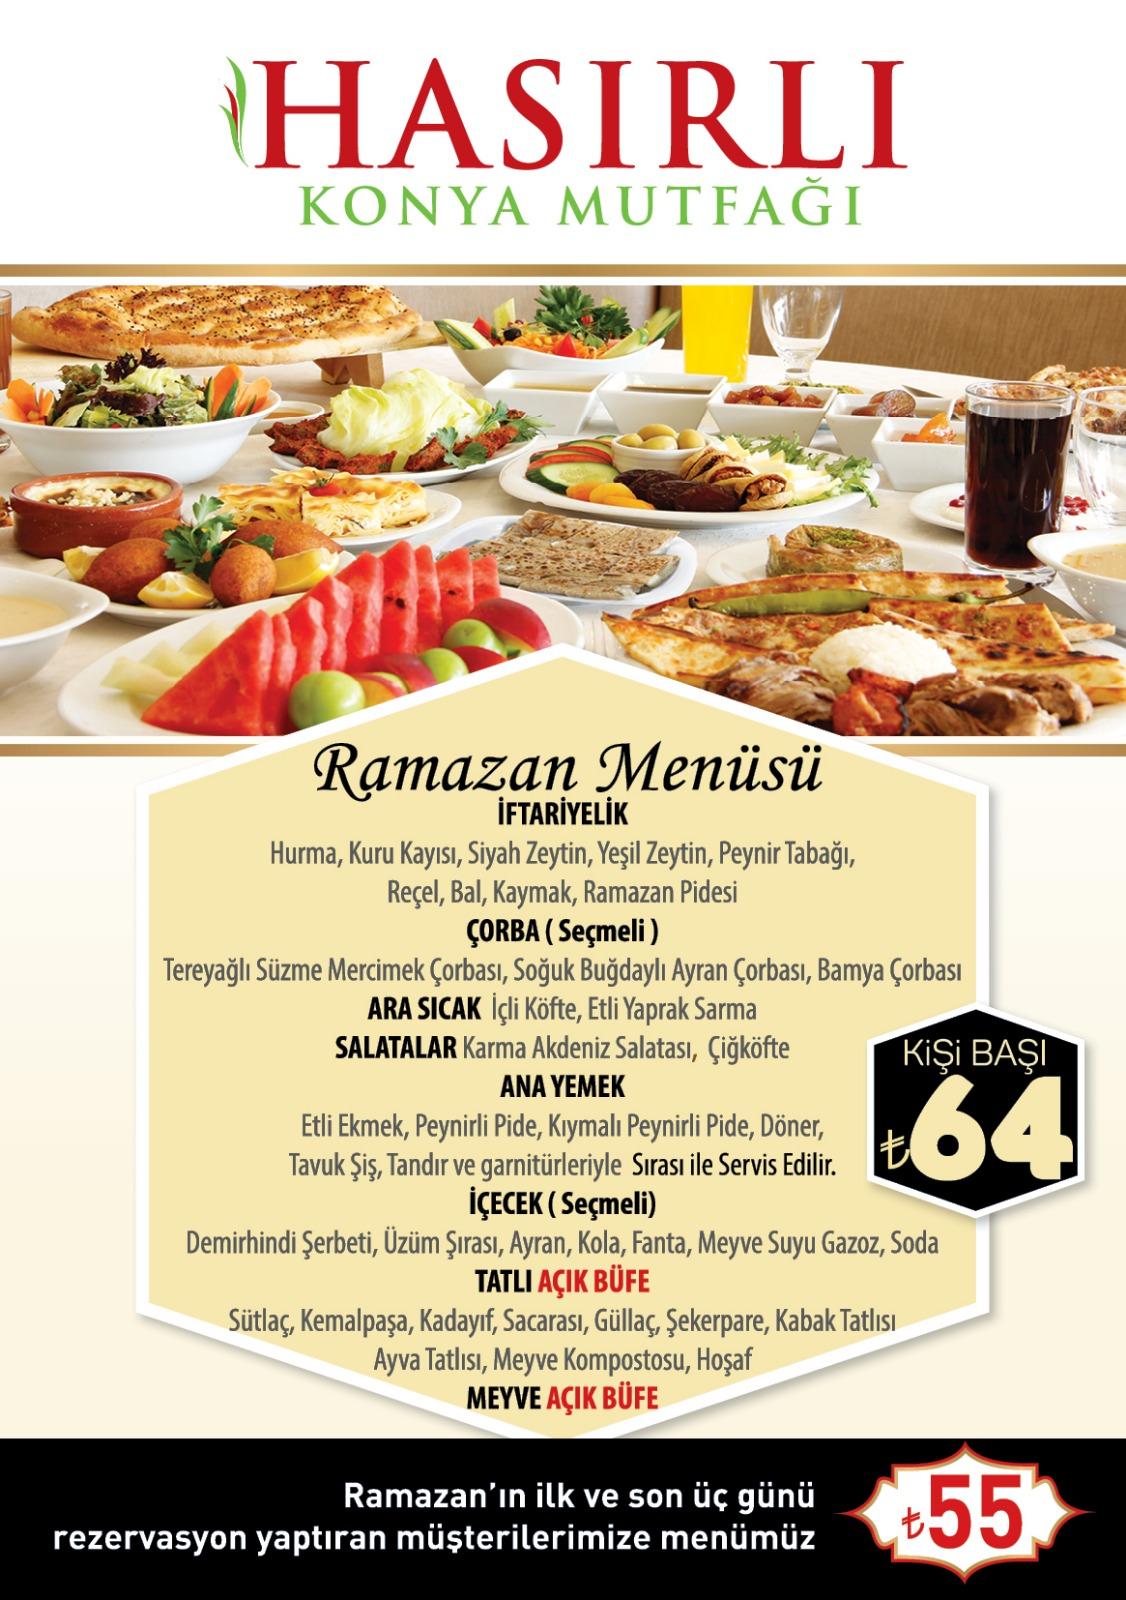 hasırlı konya mutfağı iftar menüleri